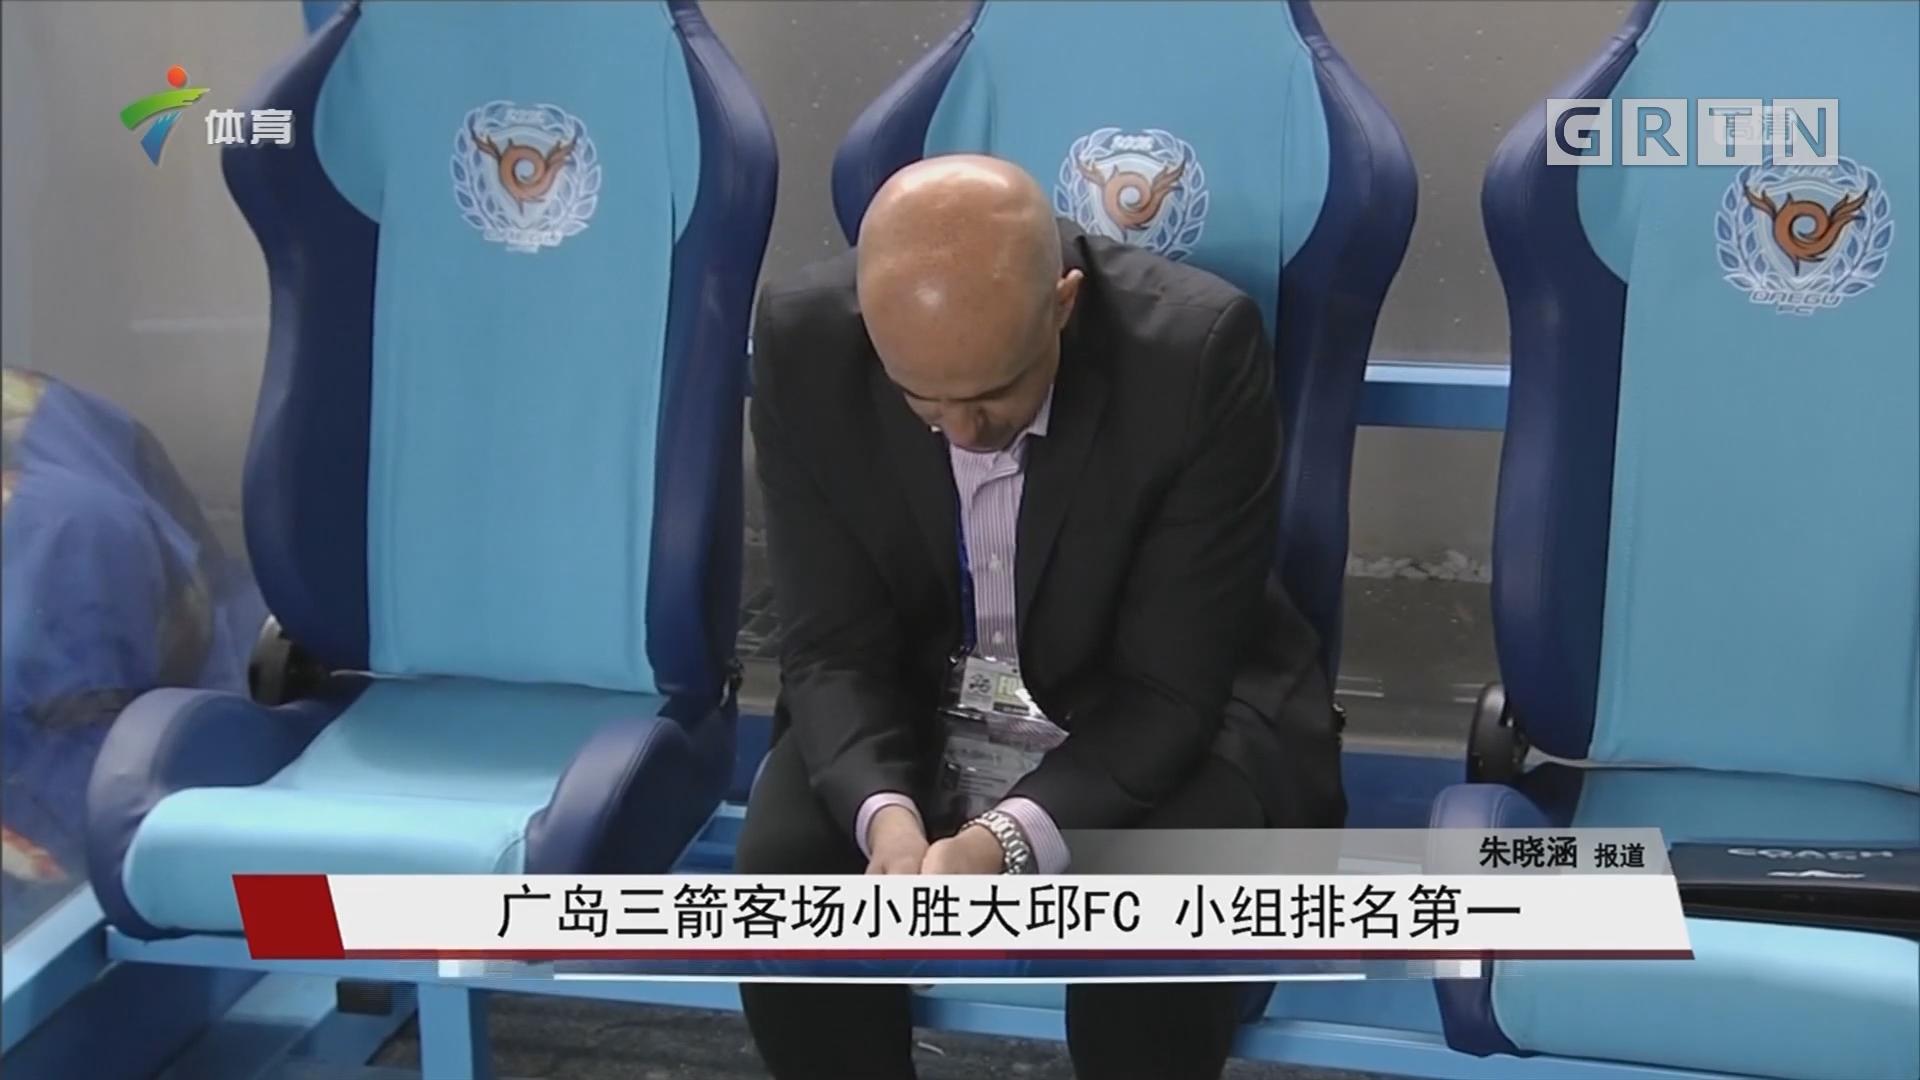 广岛三箭客场小胜大邱FC 小组排名第一